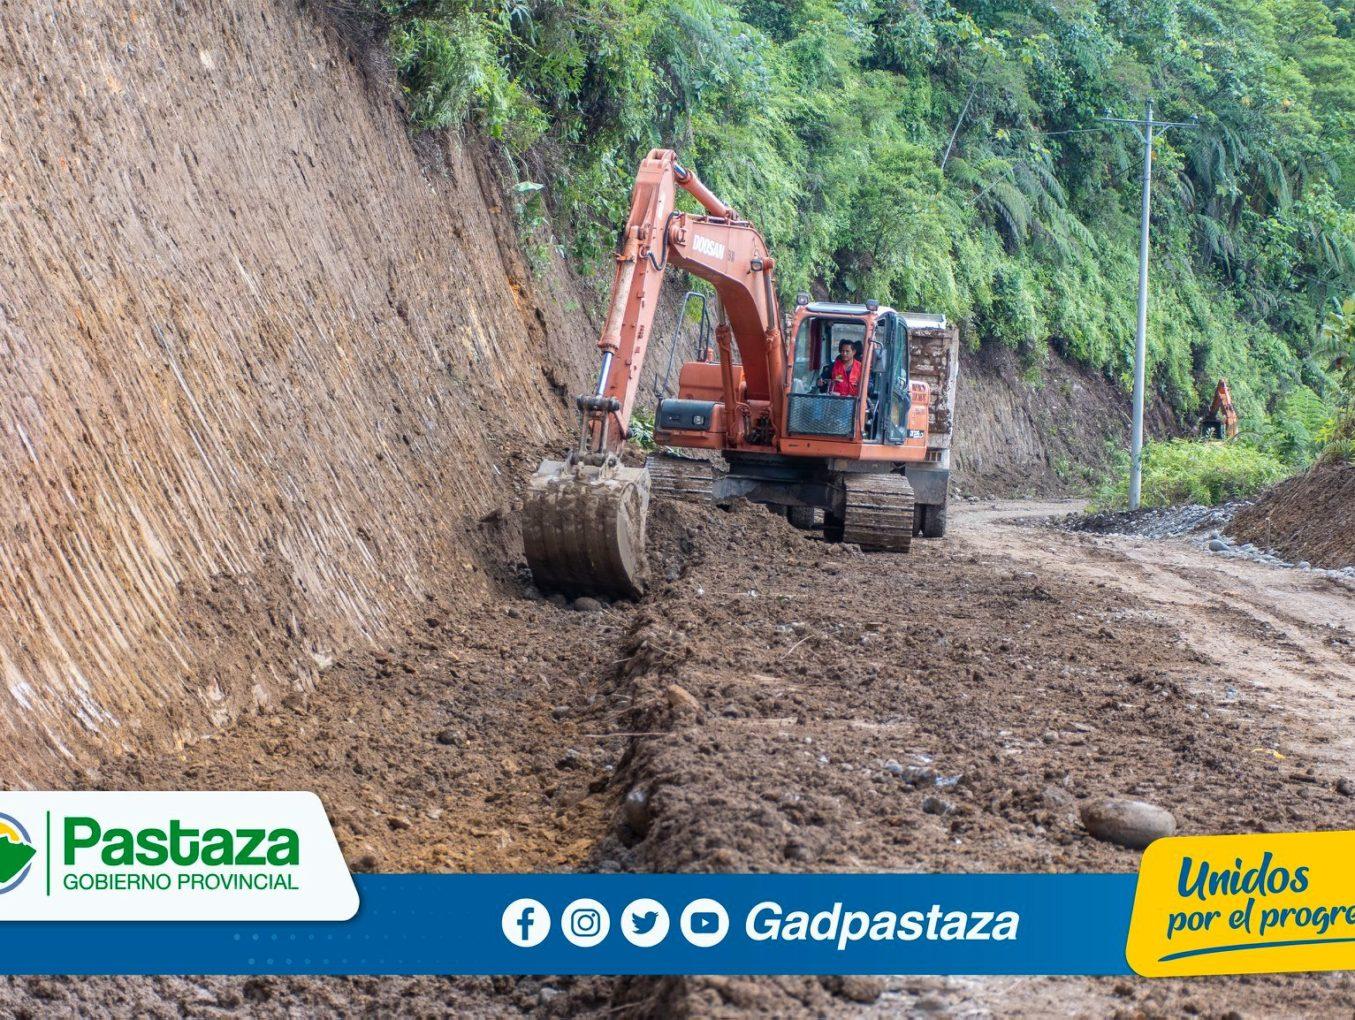 ¡El mejoramiento vial  en la provincia de #Pastaza no se detiene!